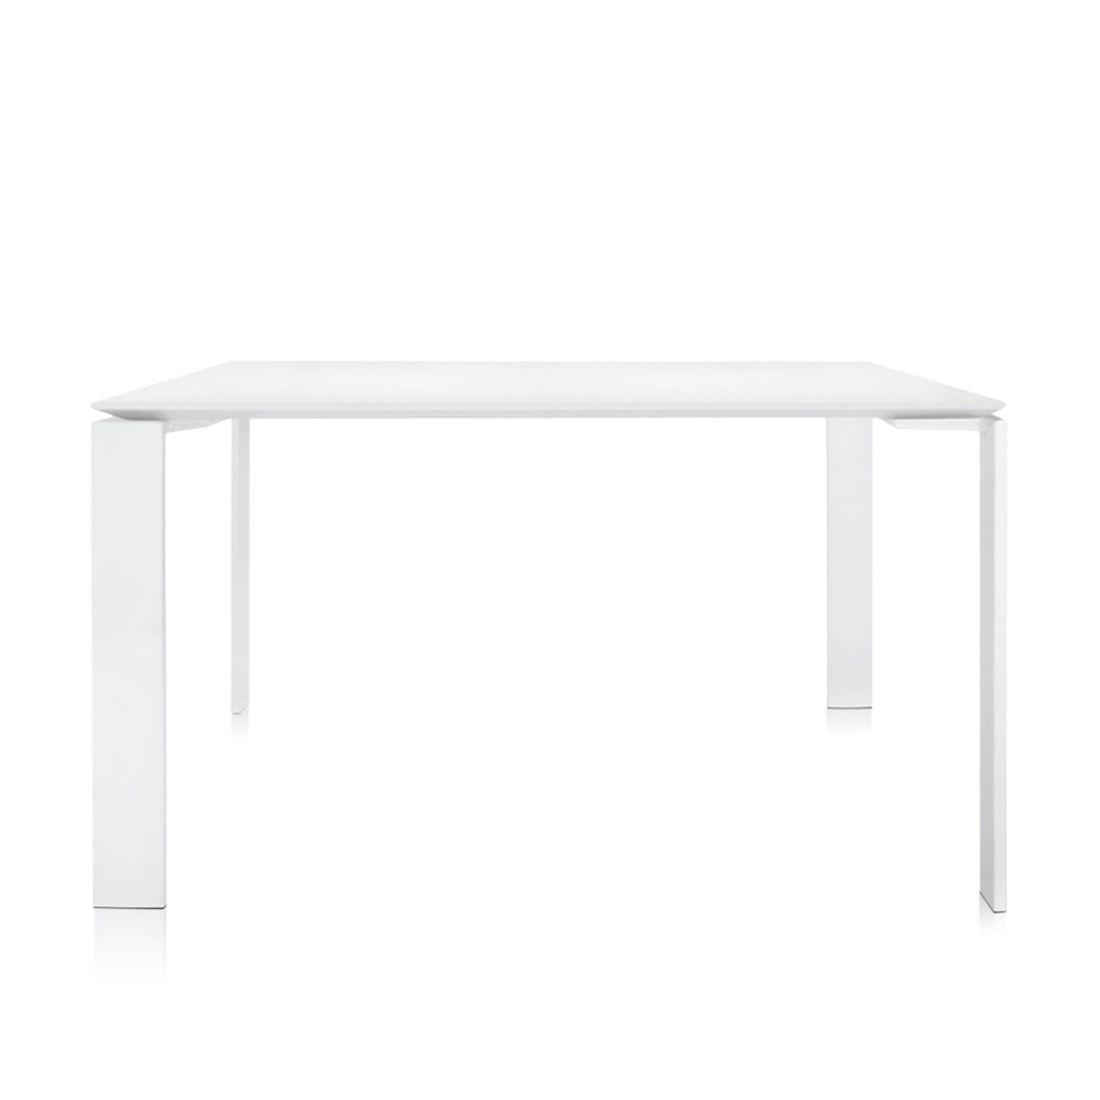 Four Tisch 128 x 128 Beine weiß / Platte weiß